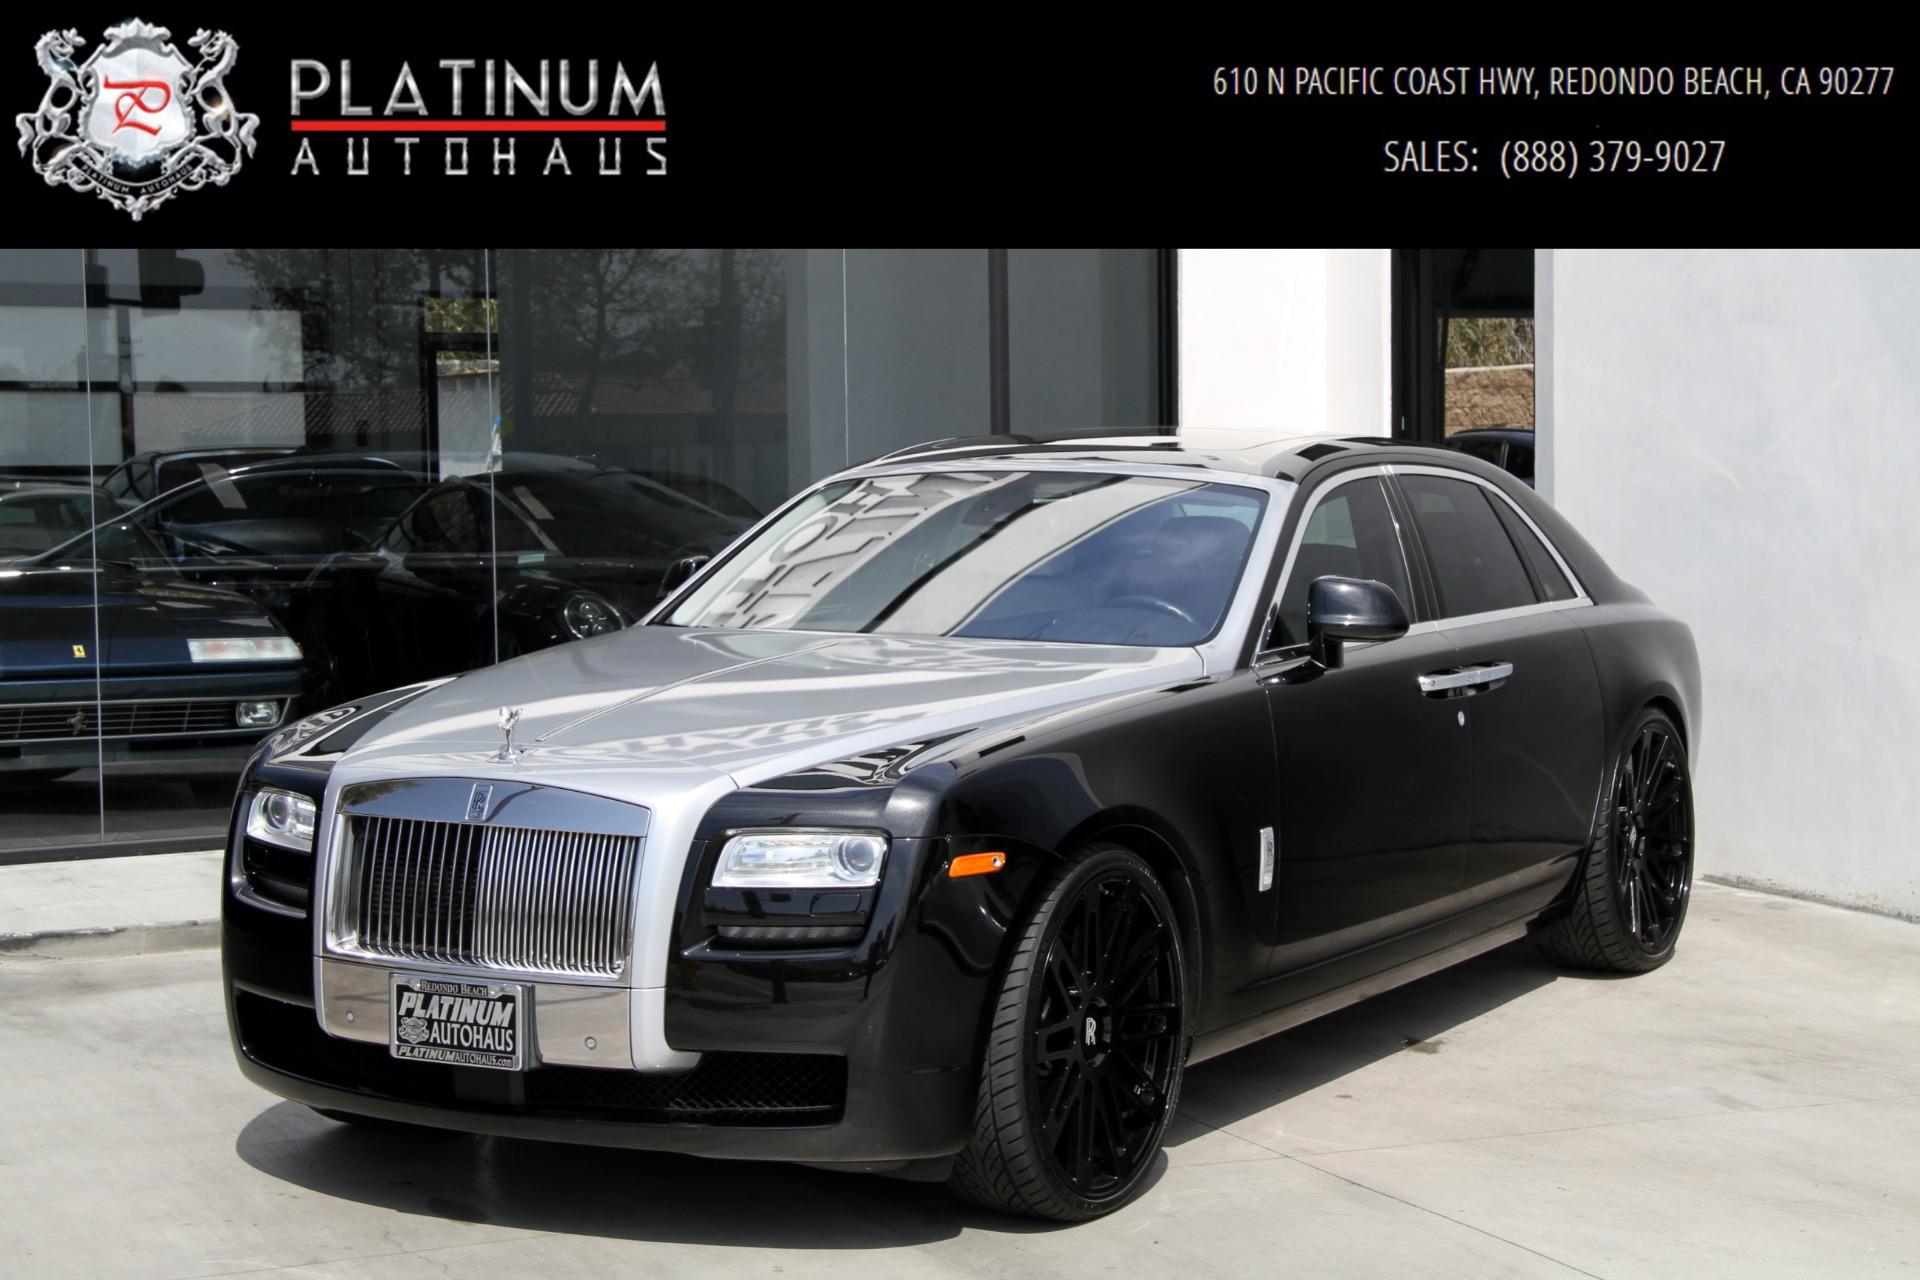 Rolls Royce Dealers >> 2012 Rolls Royce Ghost Stock 6123 For Sale Near Redondo